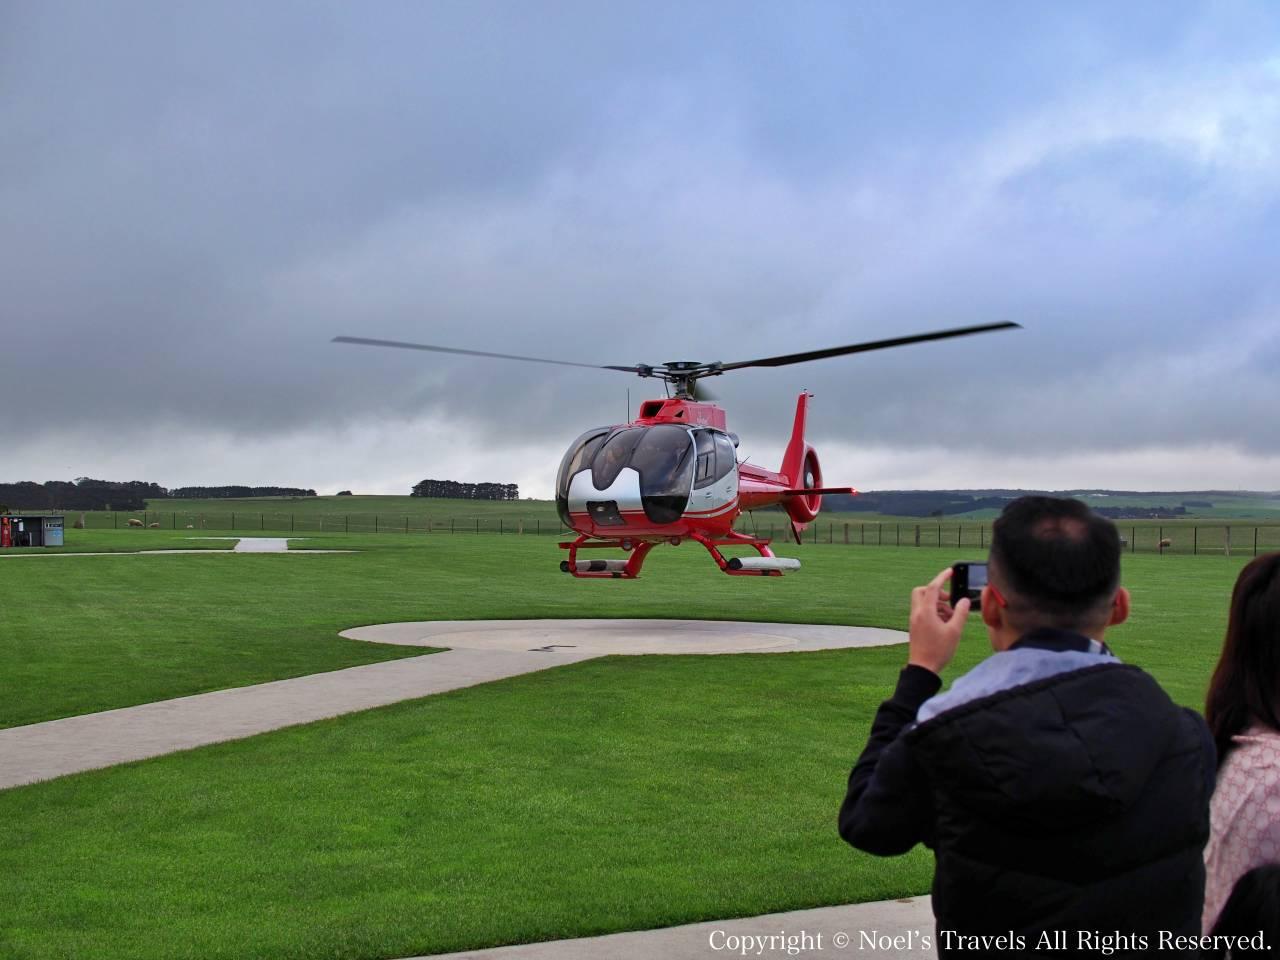 十二使徒ヘリコプターツアー